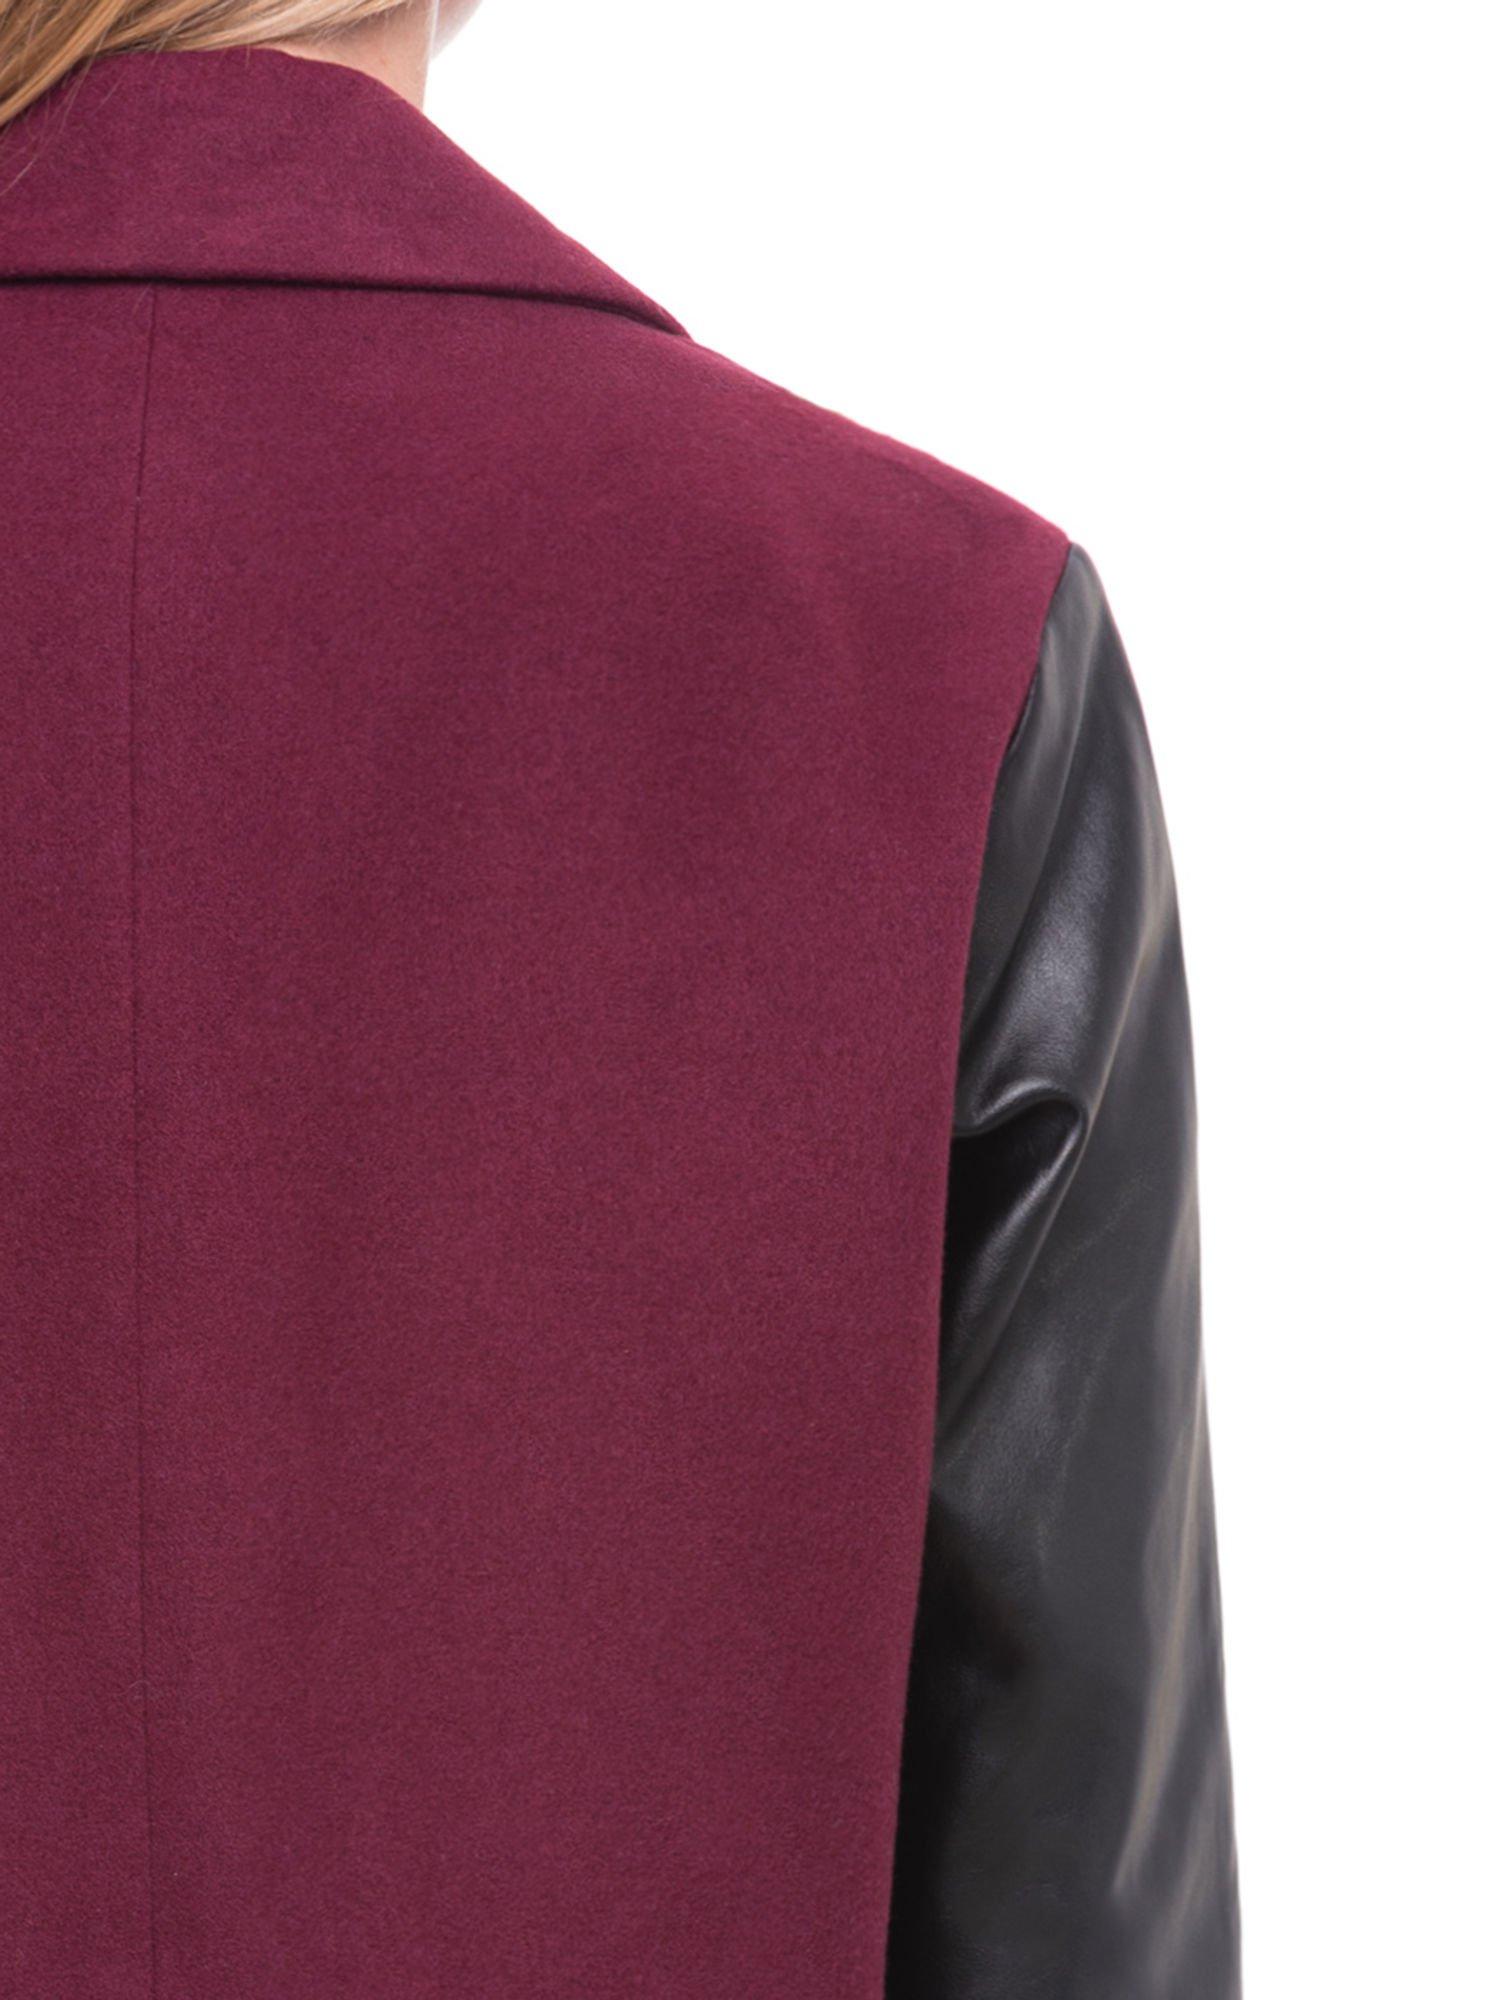 Bordowy płaszcz jednorzędowy ze skórzanymi rękawami                                  zdj.                                  6